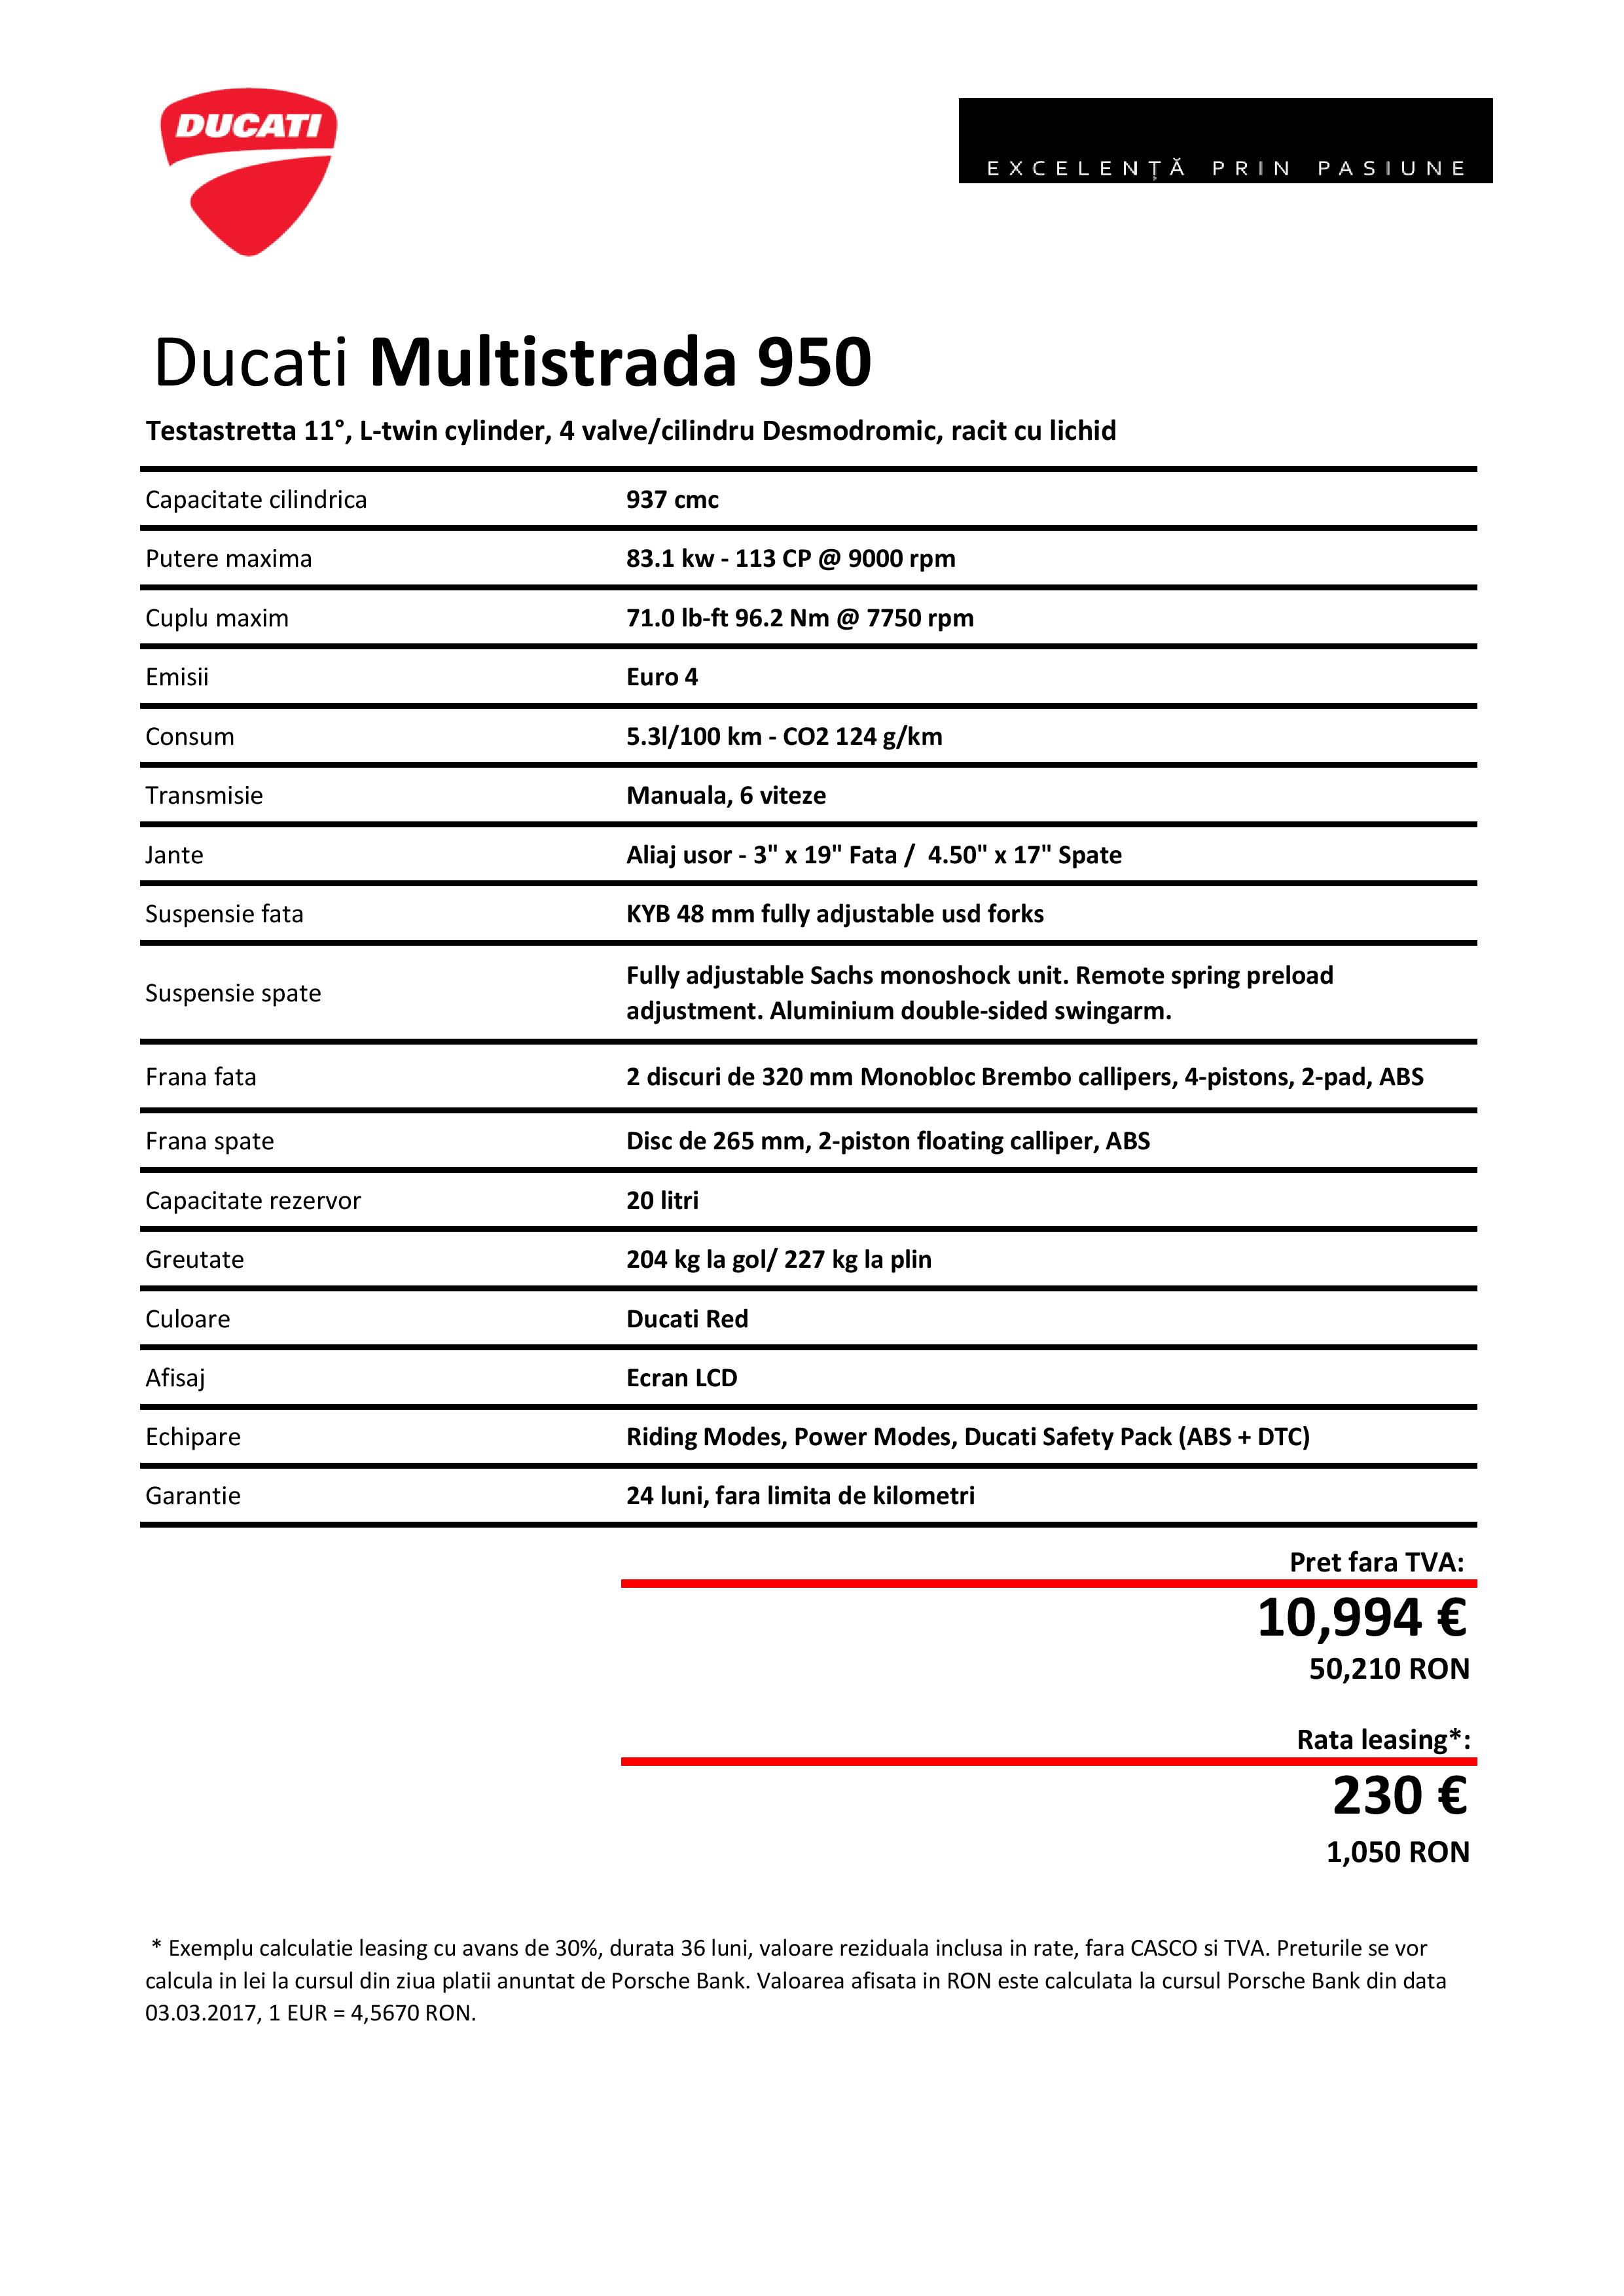 Lista pret Ducati Multistrada 950-page-001